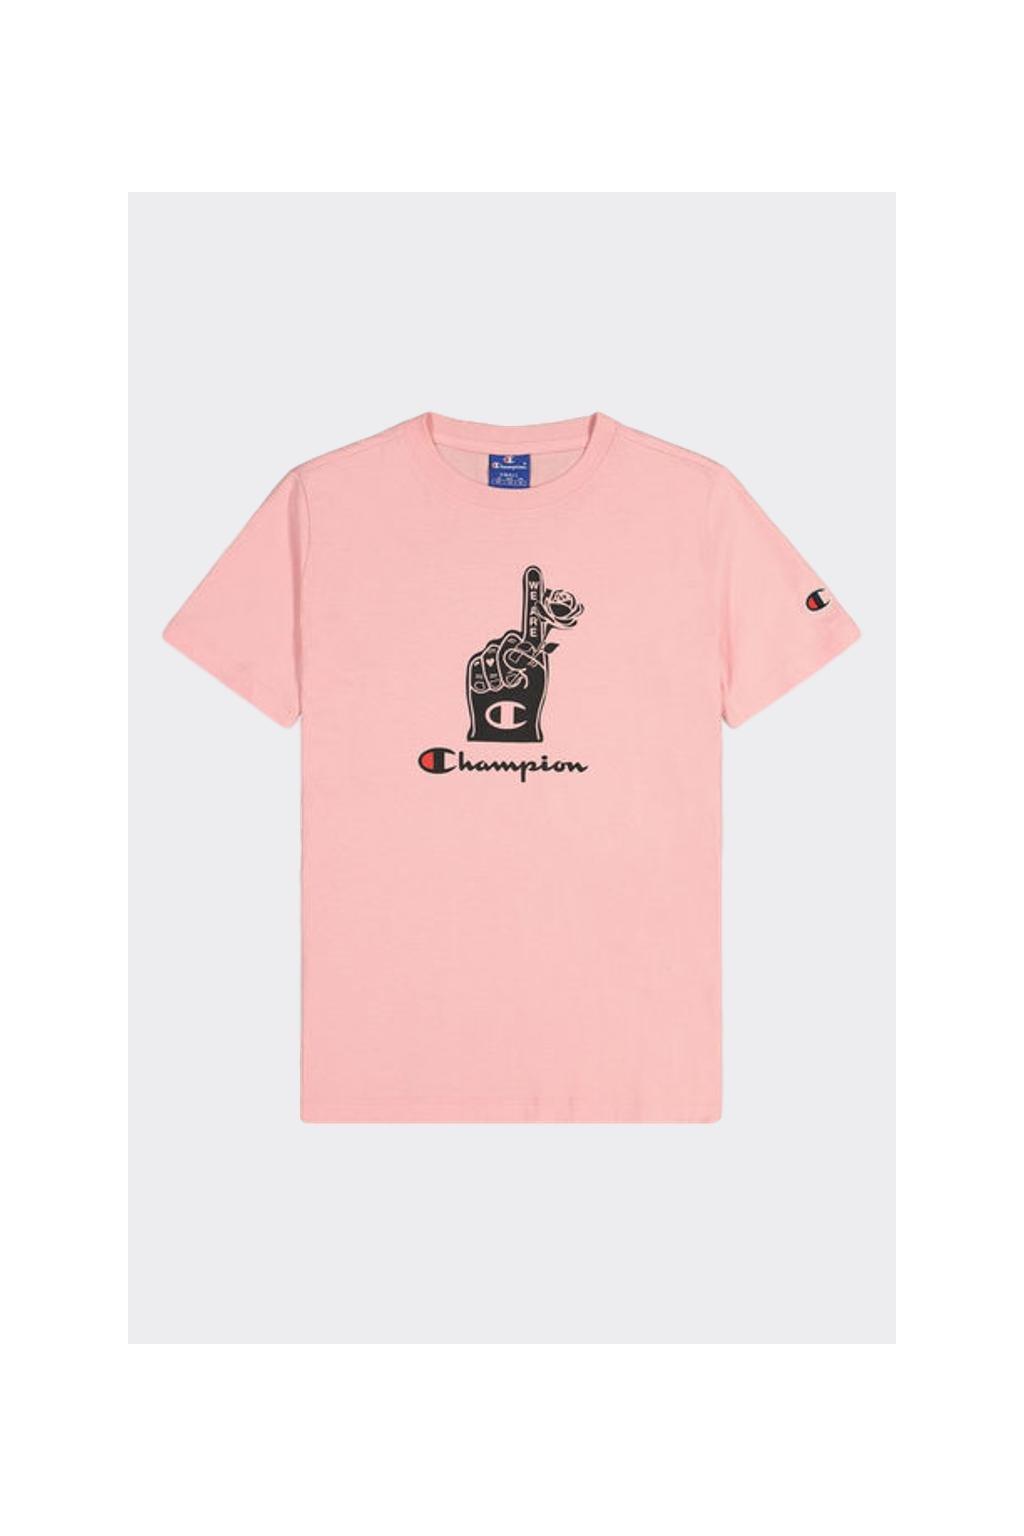 Champion dámske tričko - světle růžové